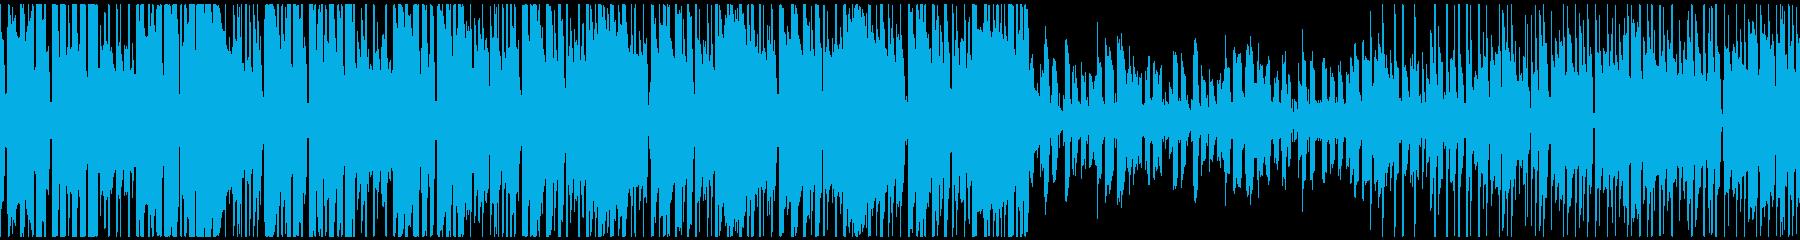 スイーツのようなkawaii系エレクトロの再生済みの波形